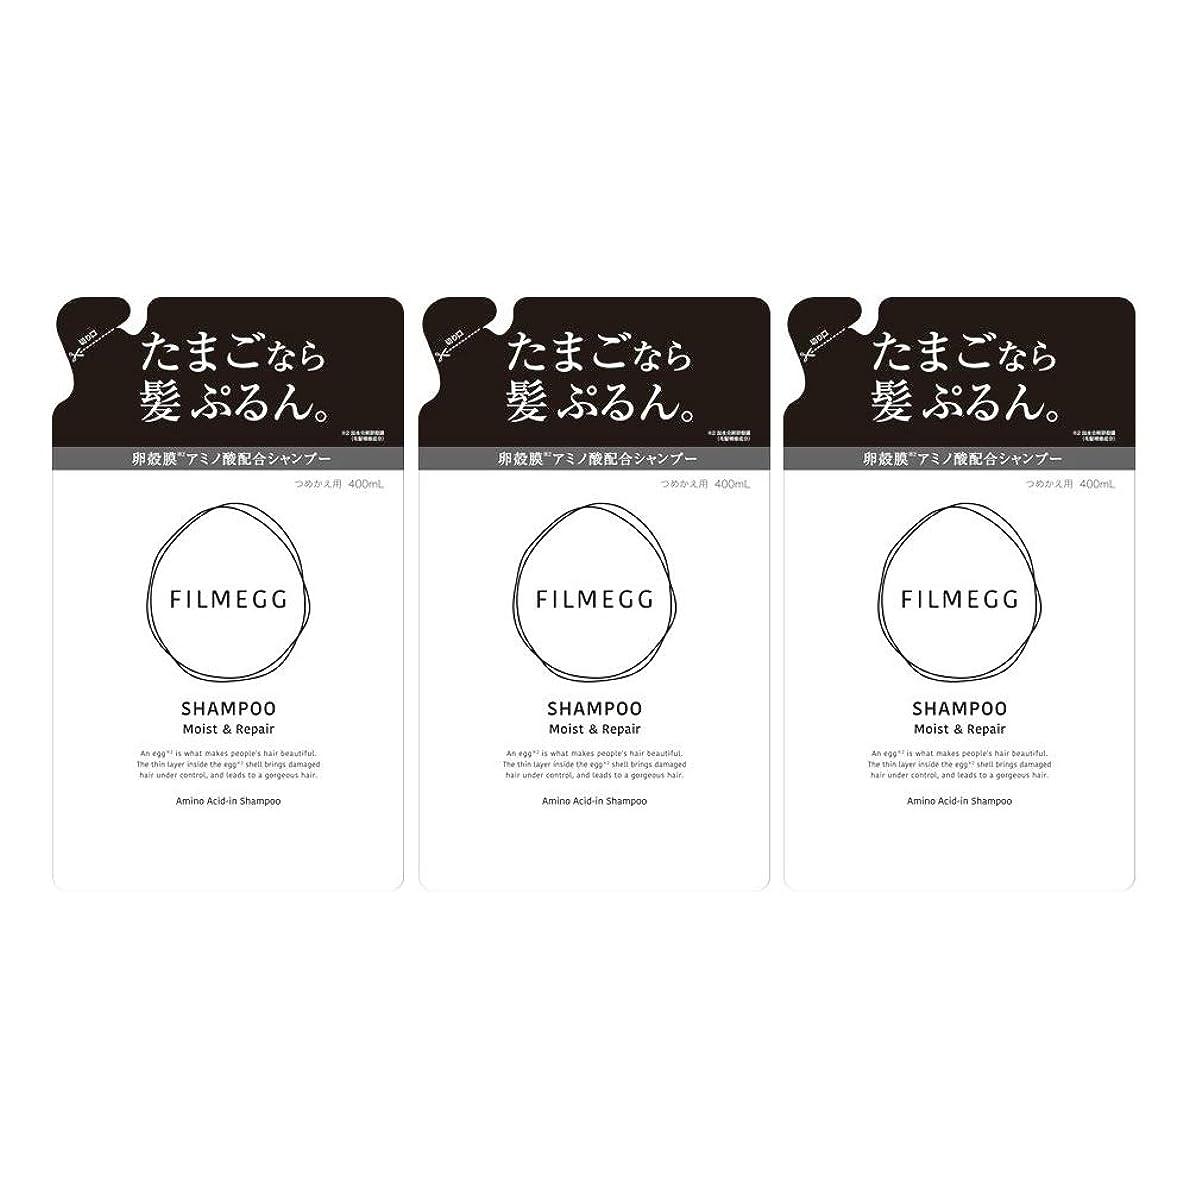 エキスパート彫刻スキップ【3個セット】FILMEGG(フィルメッグ) シャンプー 詰替え 400ml